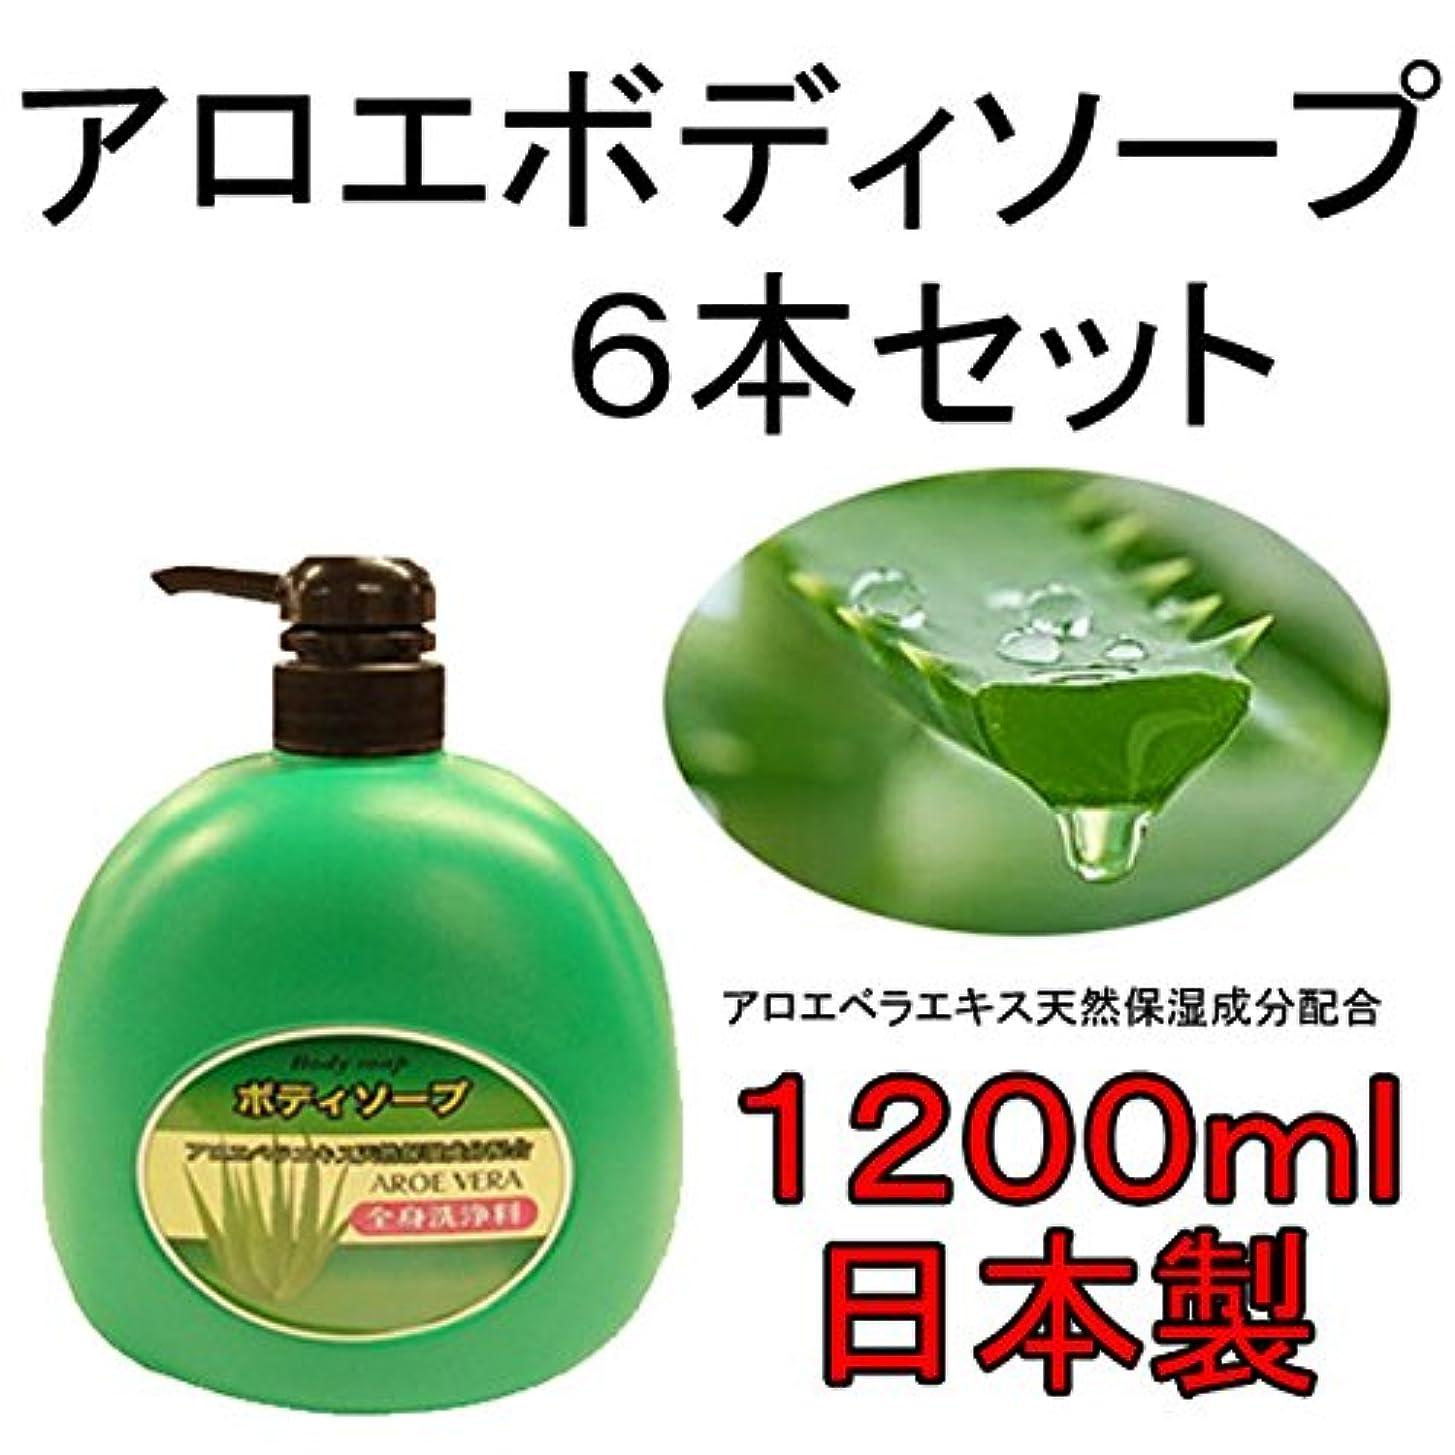 奨励しますスライム従者高級アロエボディソープ6本セット アロエエキスたっぷりでお肌つるつる 国産?日本製で安心/約1年分1本1200mlの大容量でお得 液体ソープ ボディソープ ボディシャンプー 風呂用 石鹸 せっけん 全身用ソープ body...